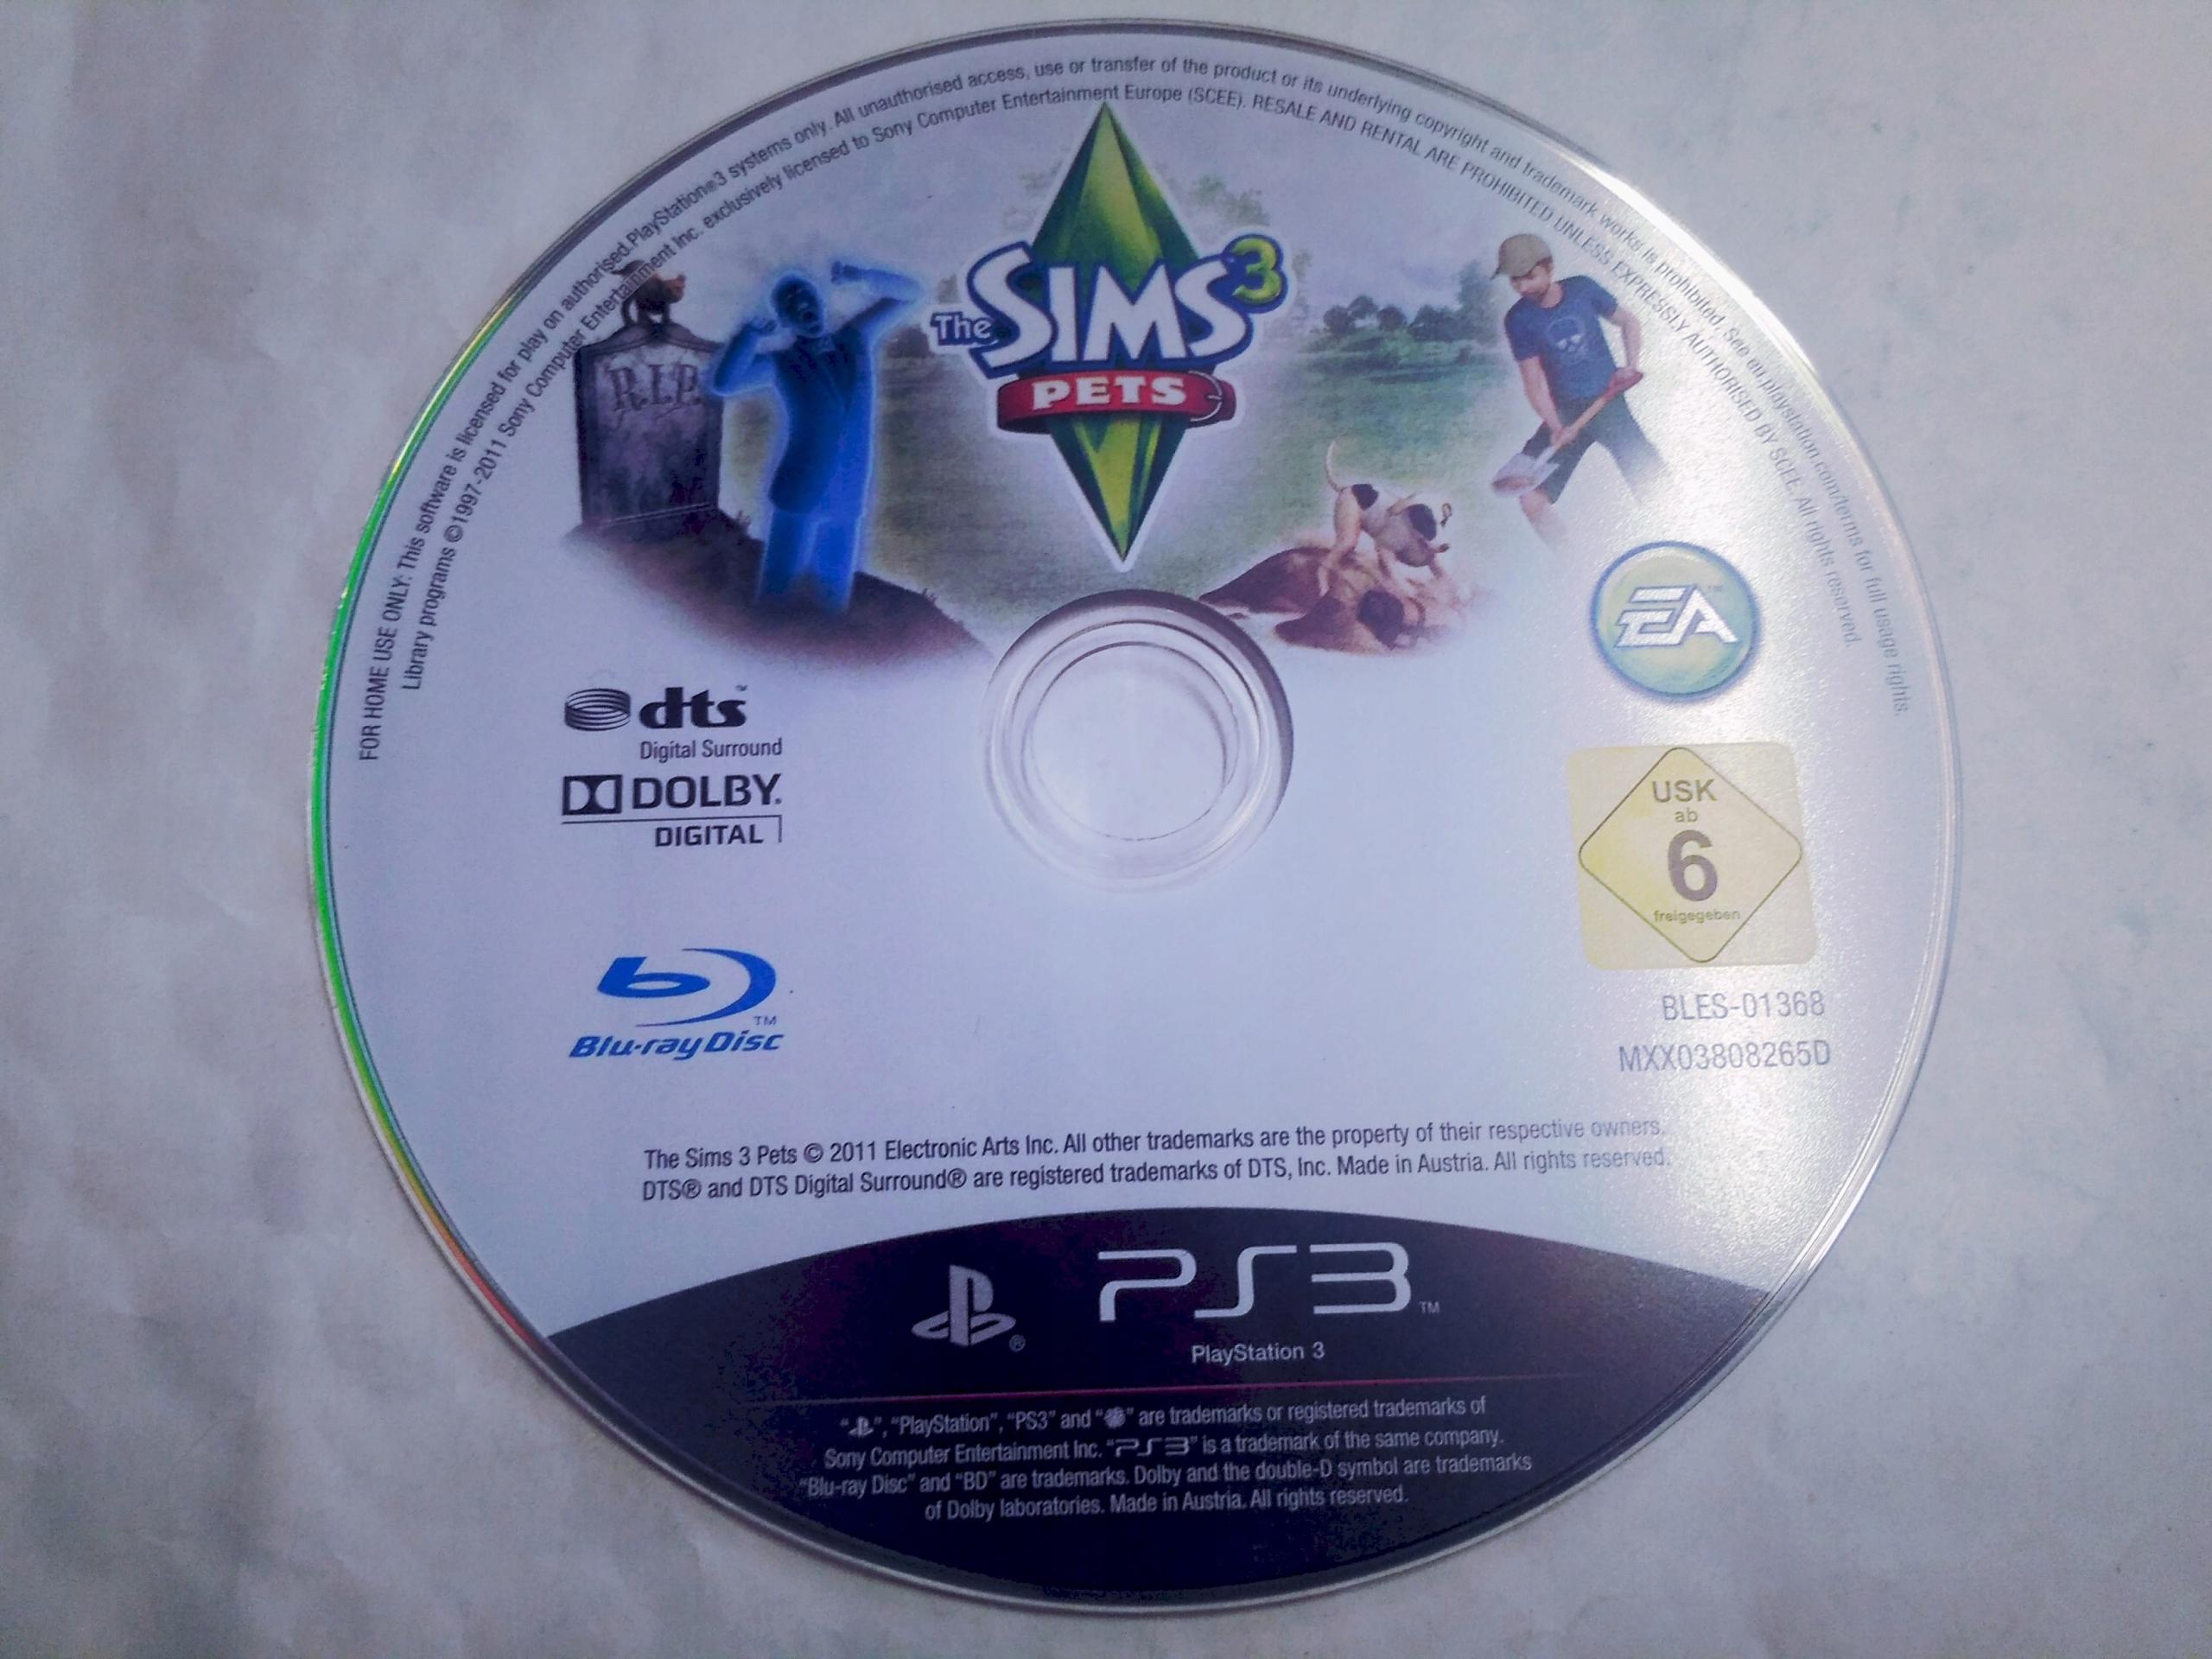 randki Sims psp do pobrania datowanie praktyk religijnych